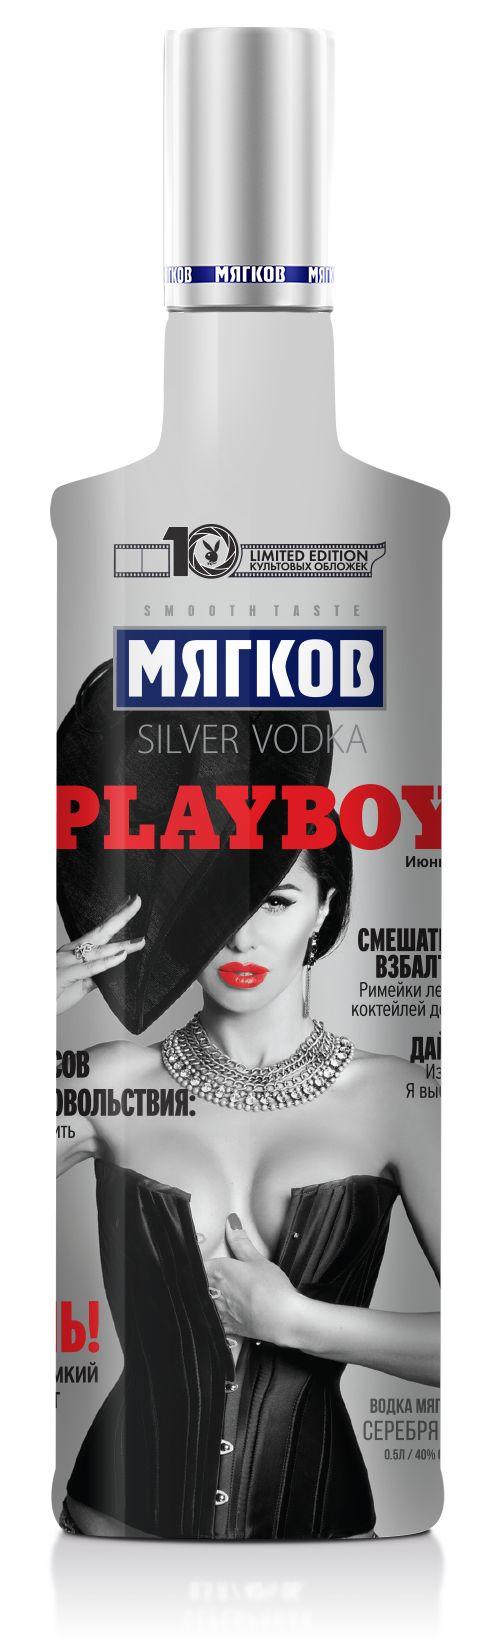 Myagkov Playboy Limited Edition, 2014 year cover remake. Мягков Плейбой Лимитированная серия. Римейк обложки 2014 года. Vodka. Spirits. Водка.